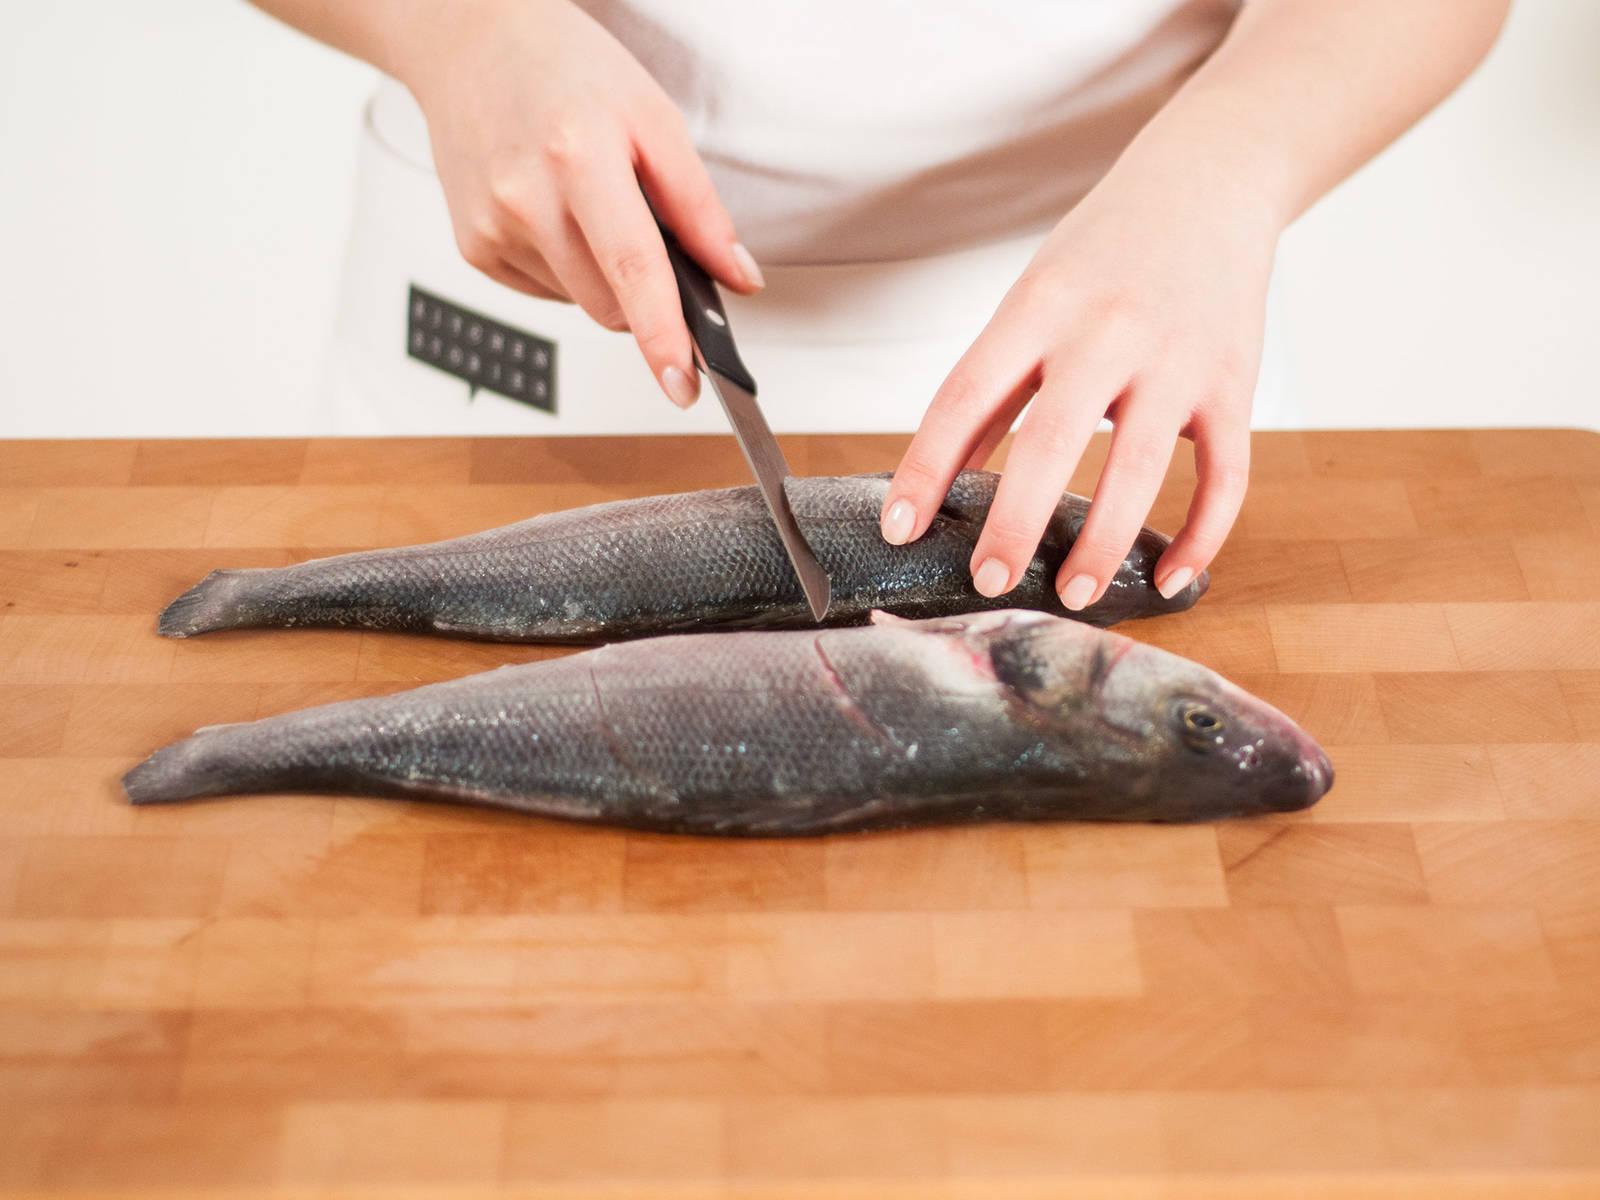 将鱼放在砧板上,在每条鱼的两面各划两刀。